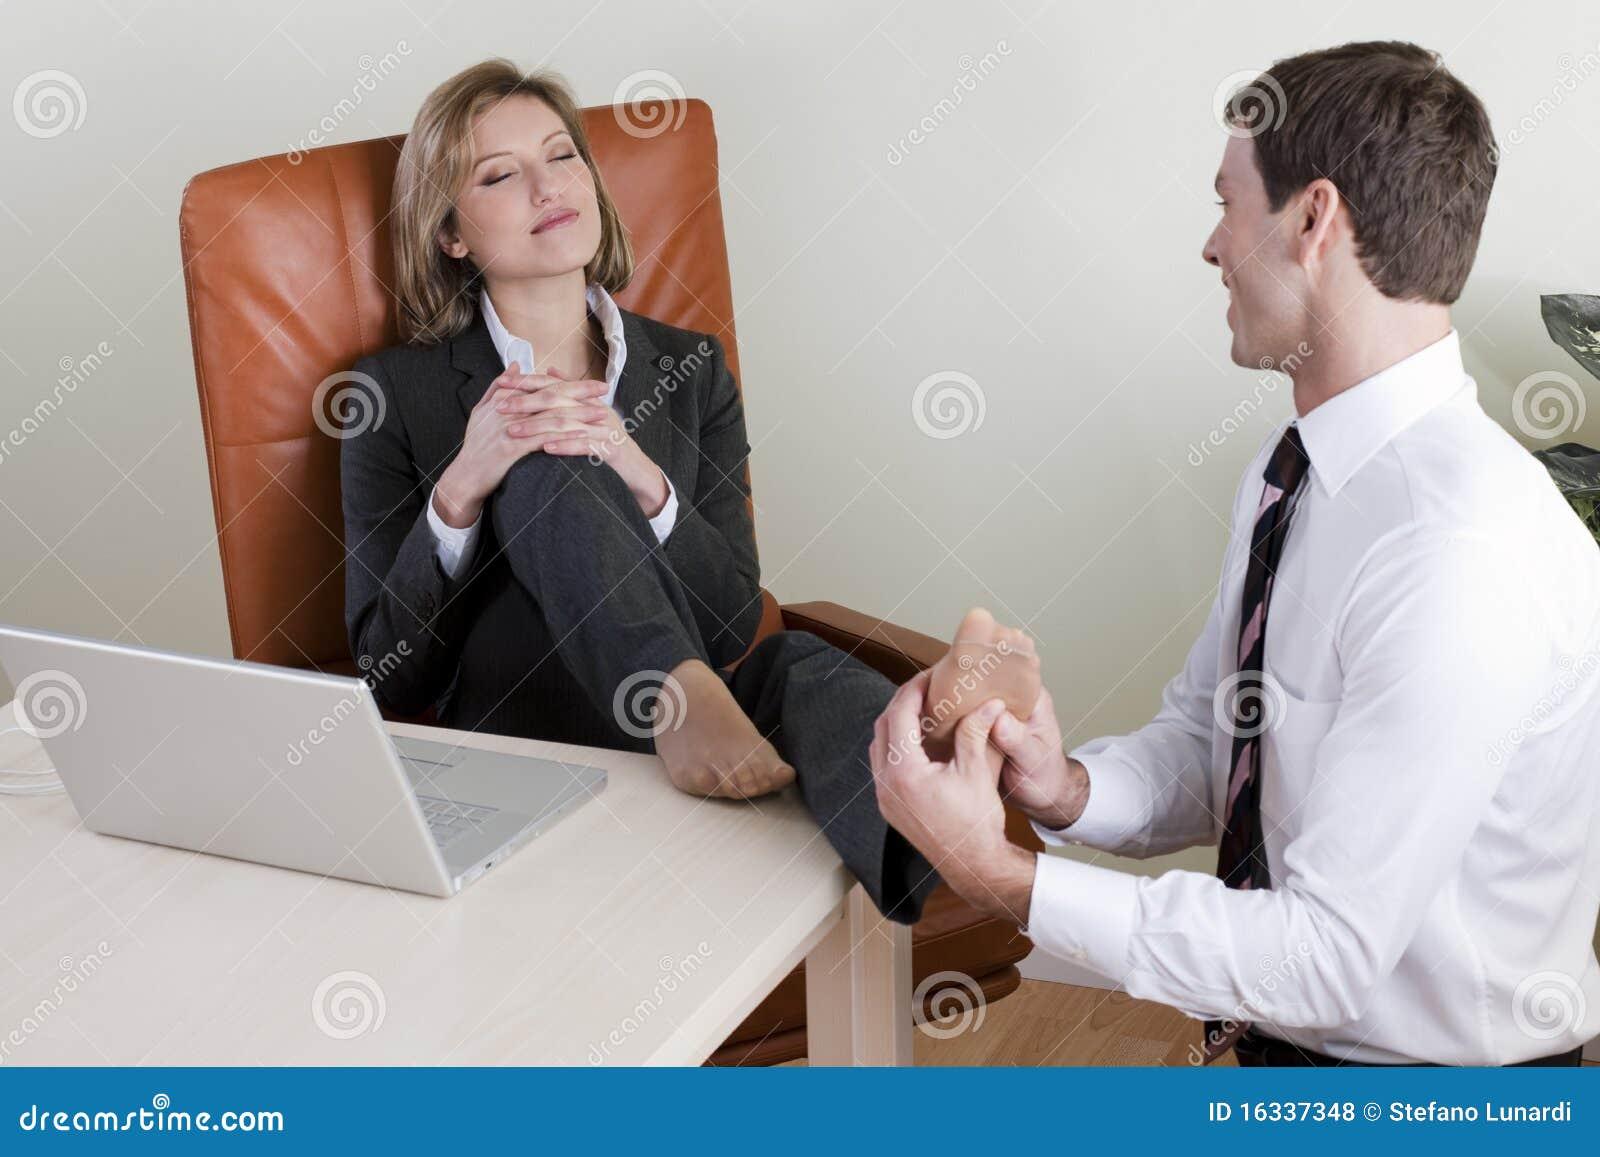 Если парень бьет ногой под партой